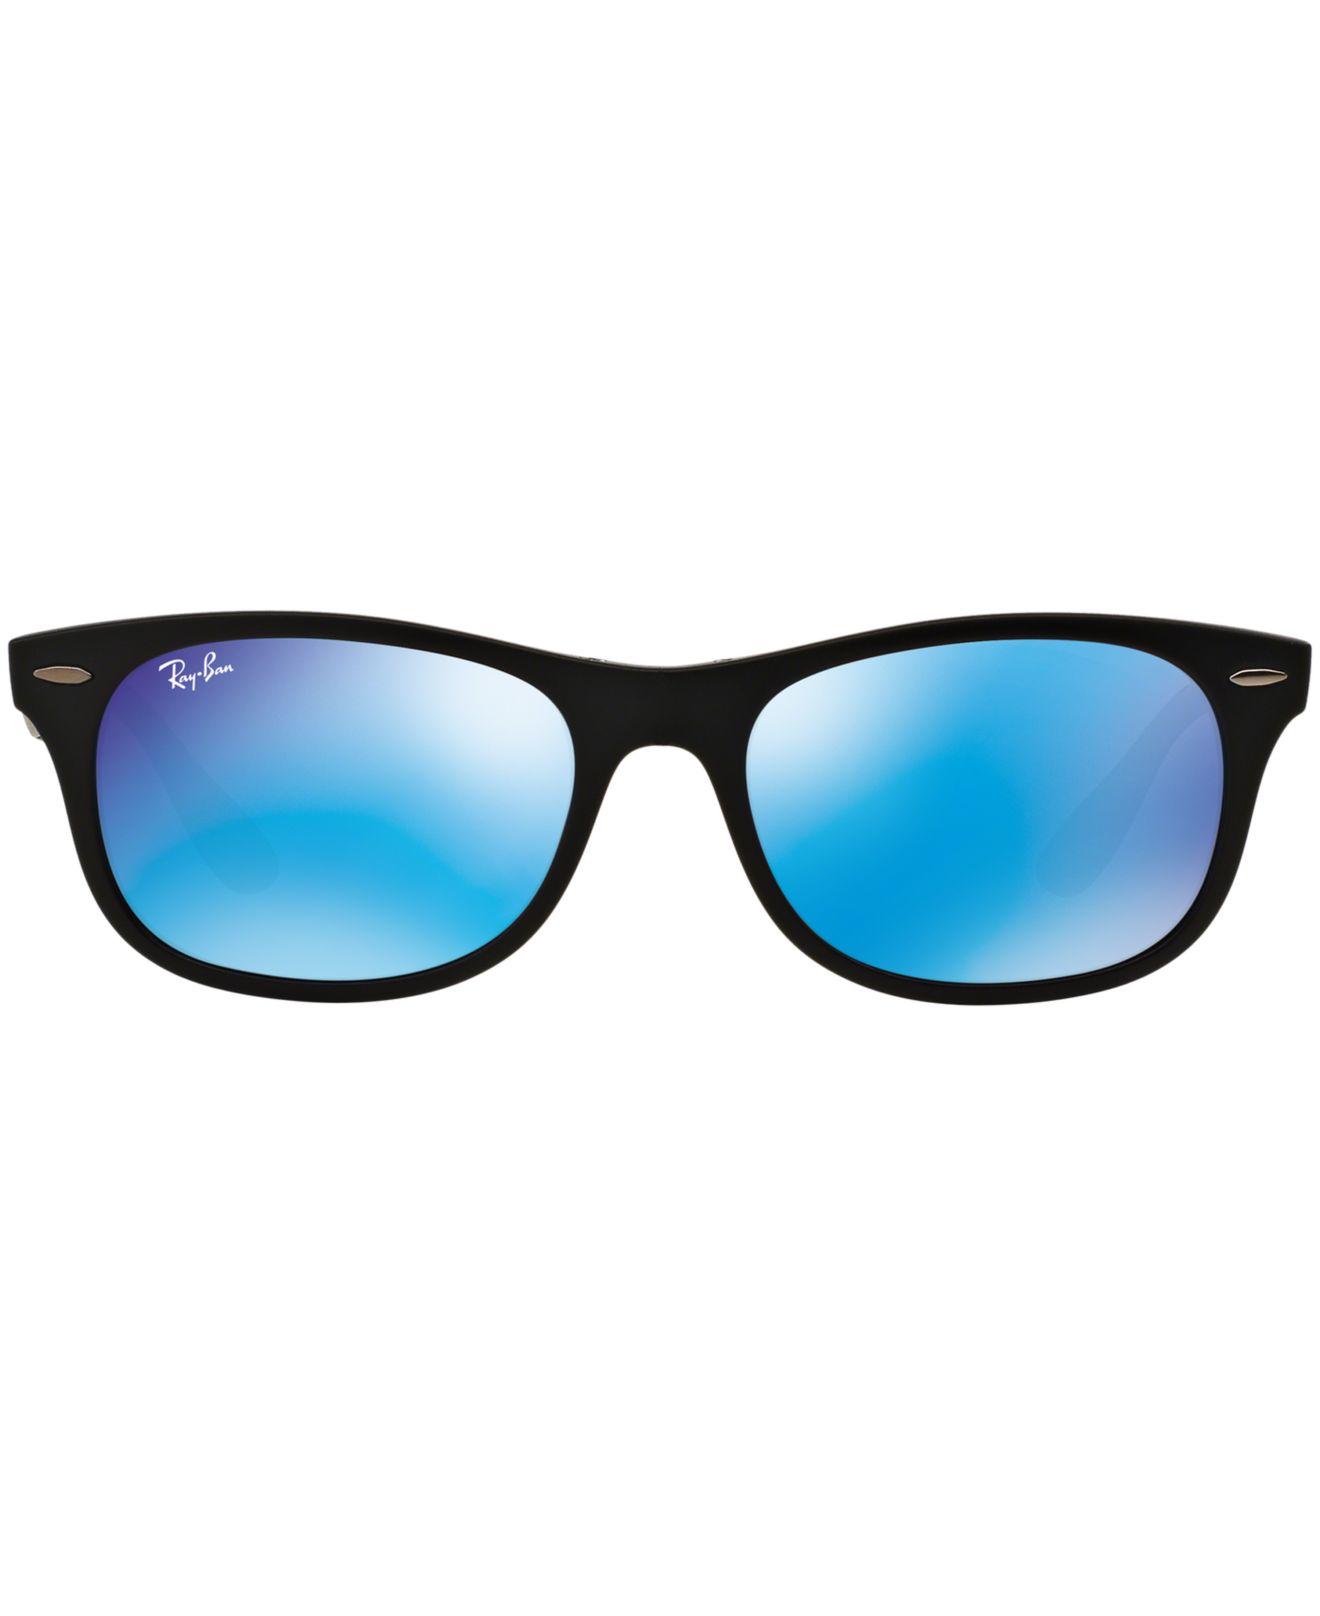 7241f27a60b Ray Ban Black Blue